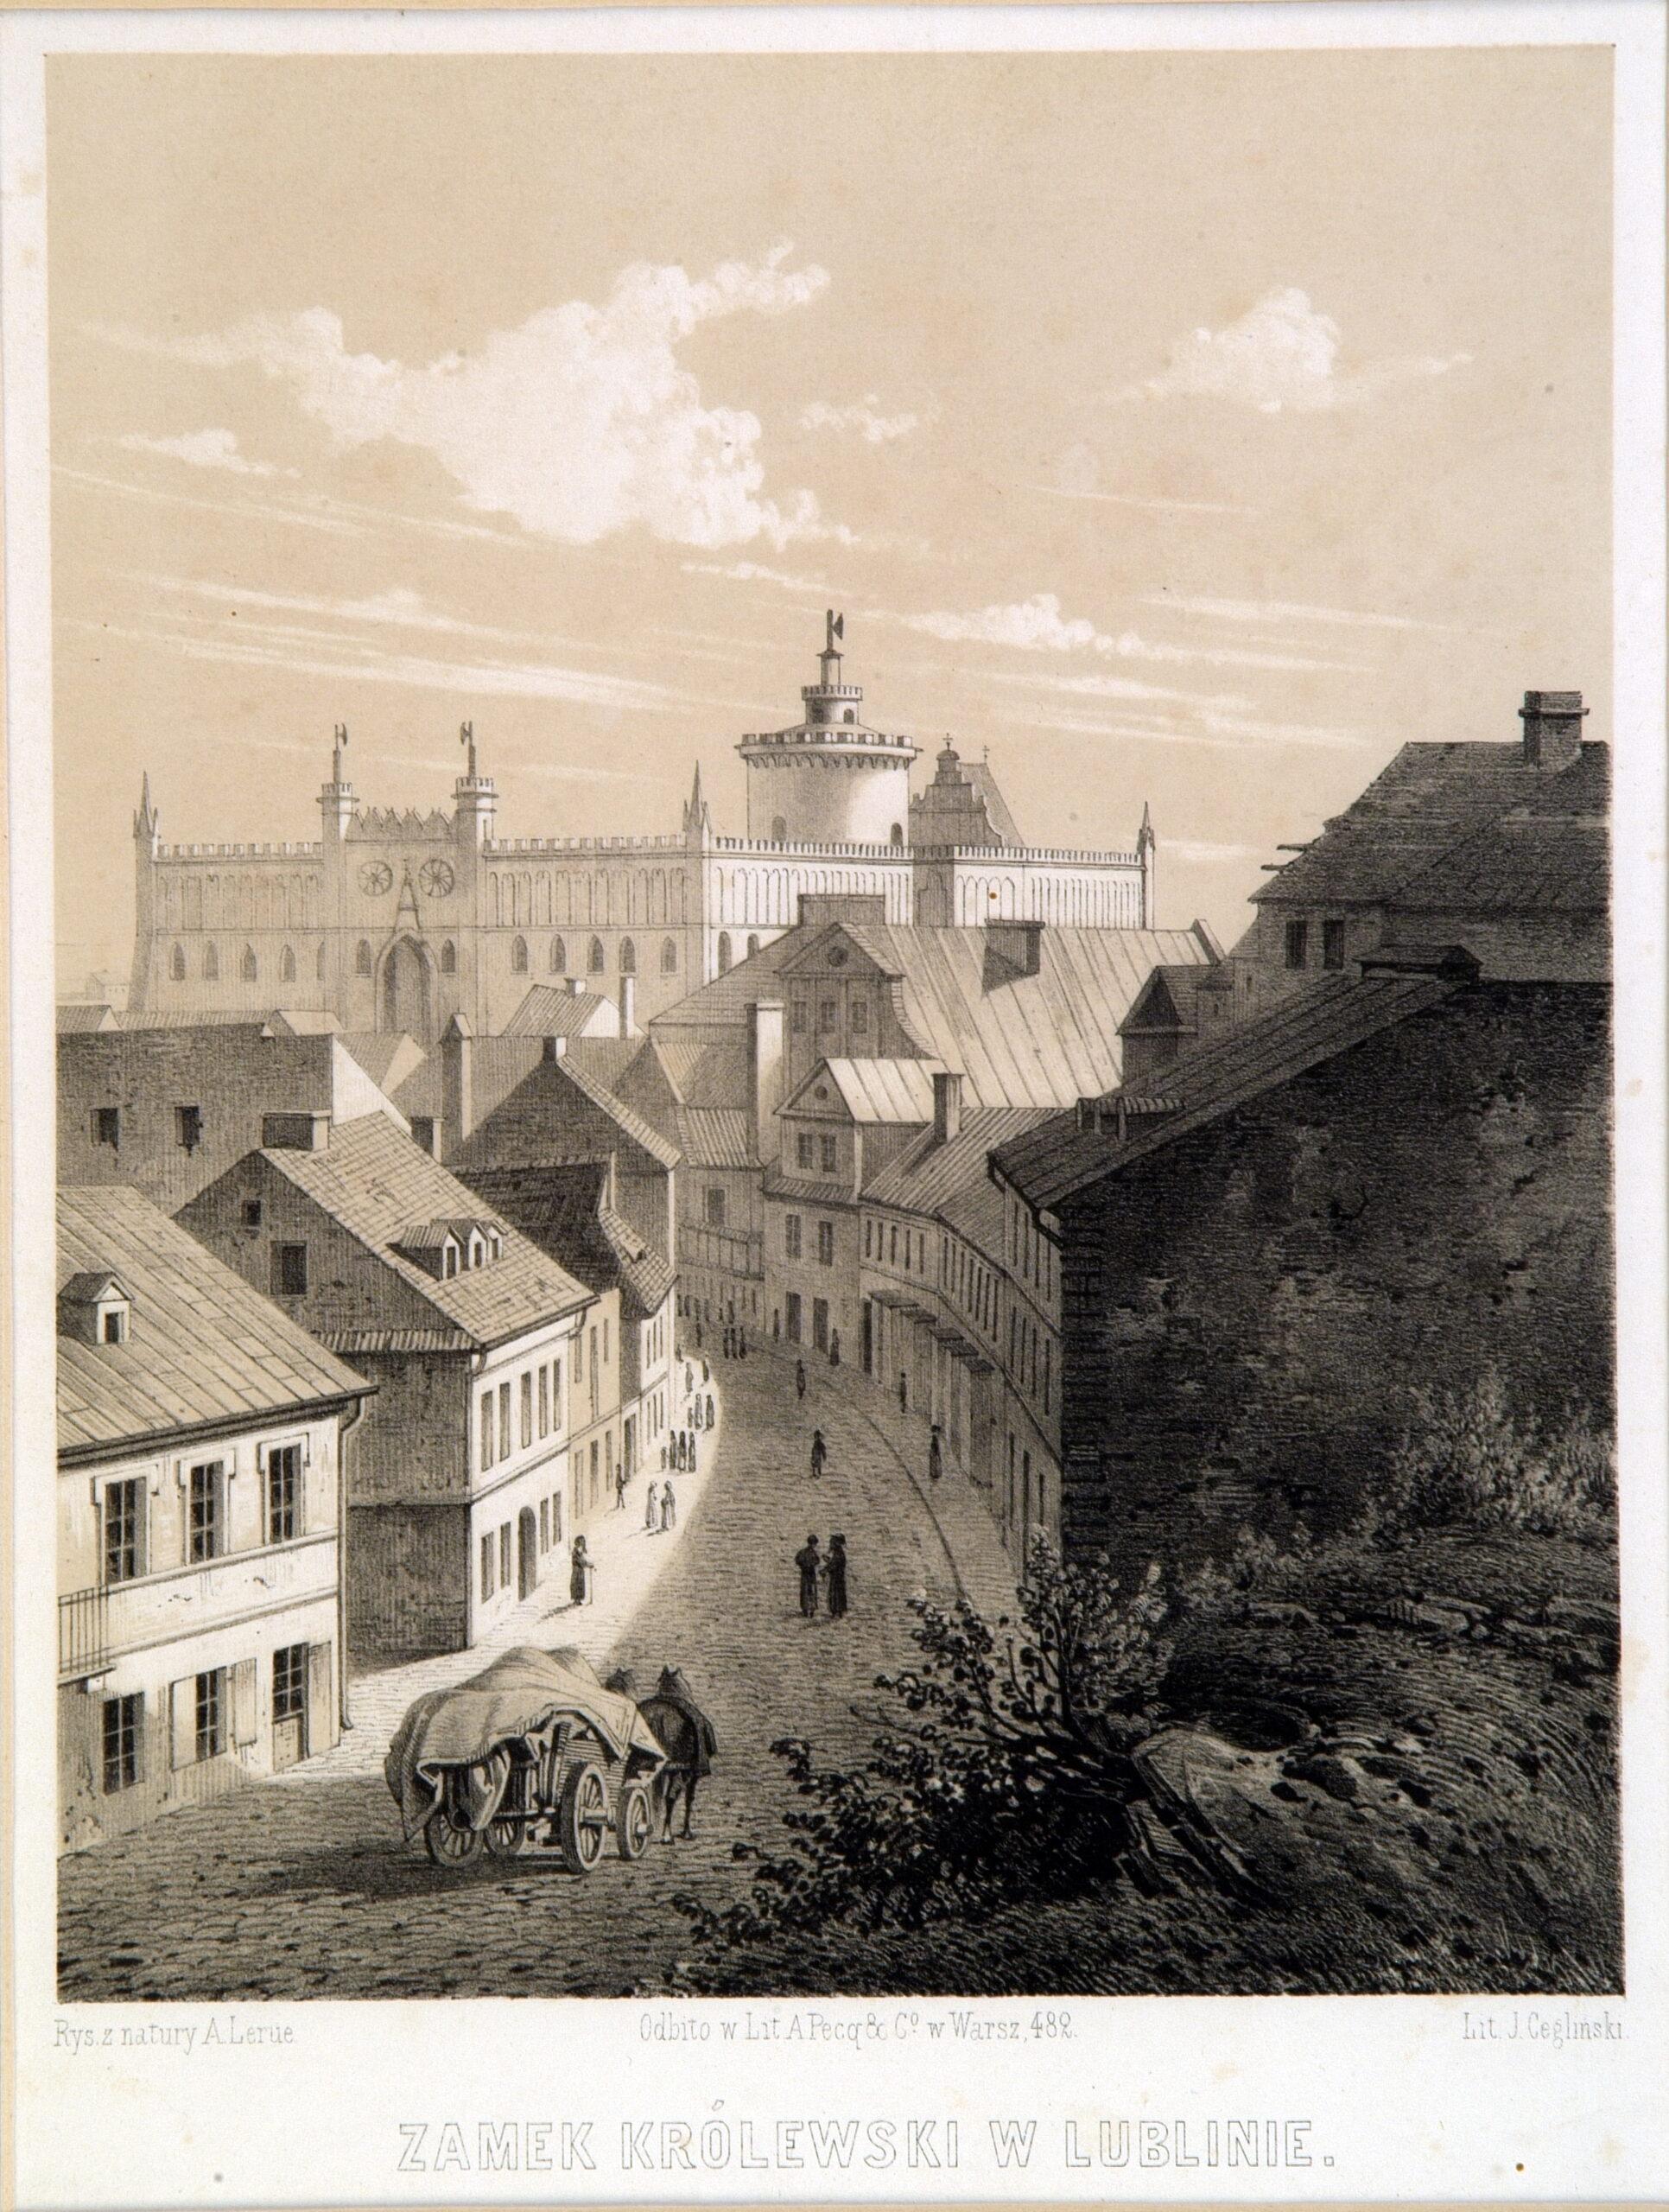 Grafika z widokiem na Zamek Lubelski od strony ulicy Kowalskiej, przy której znajdują się kamienice. Przez środek biegnie brukowana droga, po której jedzie wóz ciągnięty przez konie oraz spacerują ludzie.